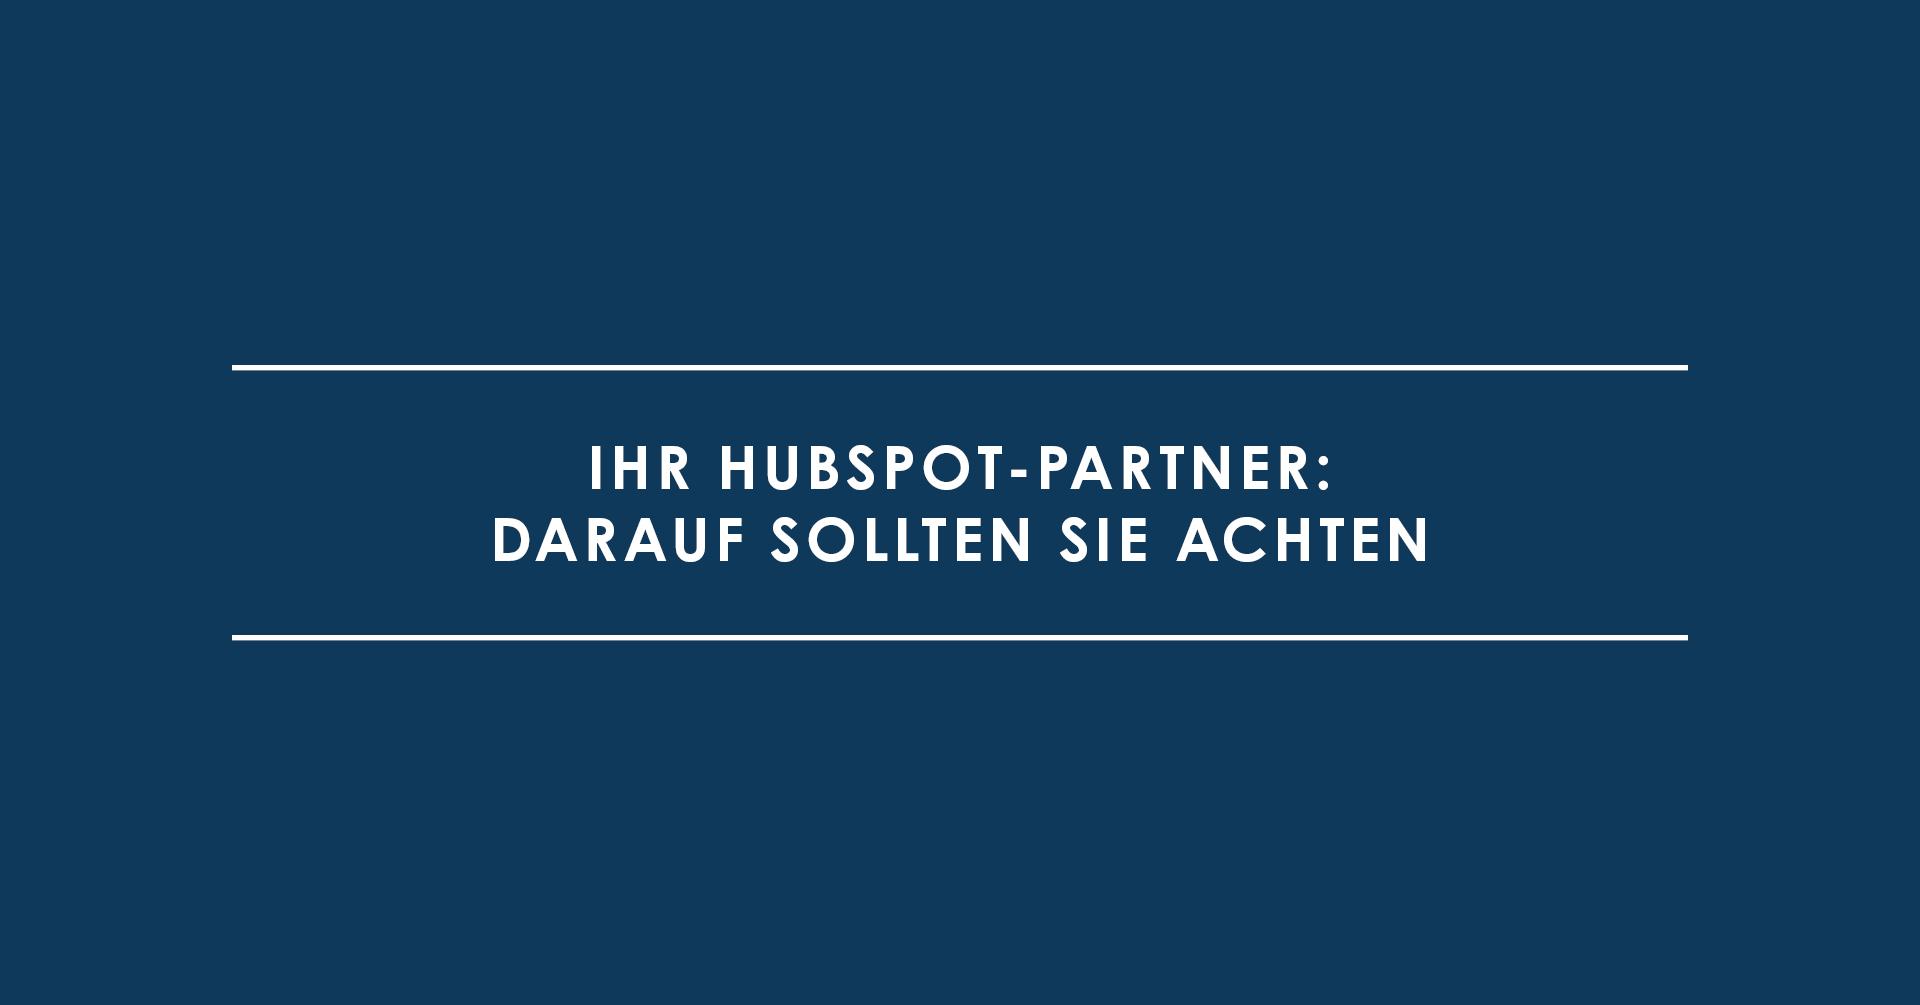 Ihr HubSpot-Partner: Darauf sollten Sie achten